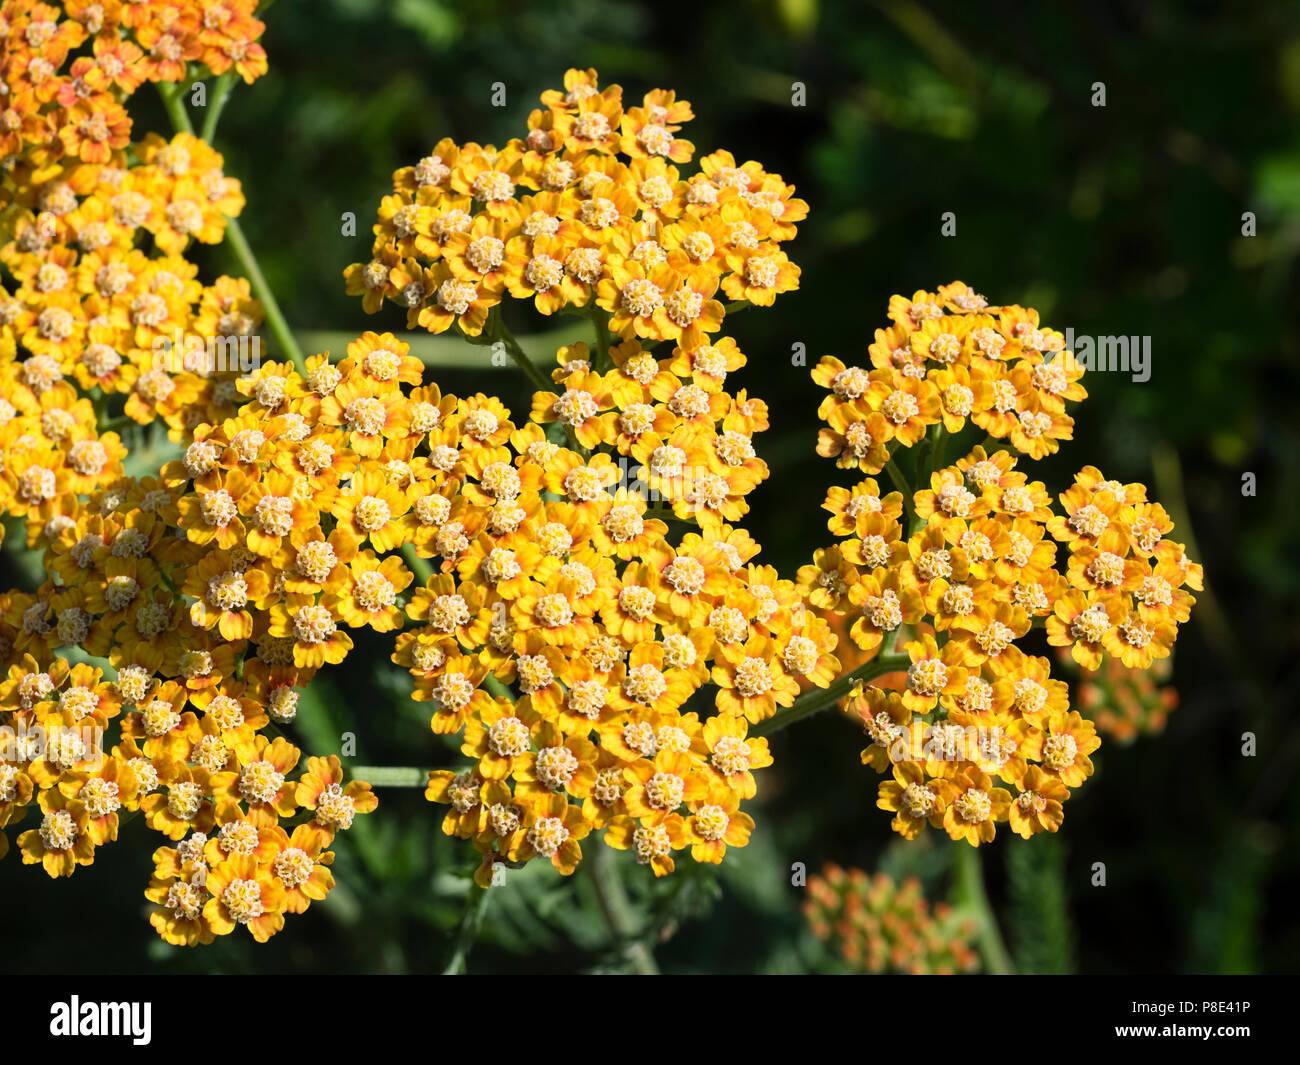 Gelb Orangen Bluten Im Sommer Bluhende Winterharte Stauden